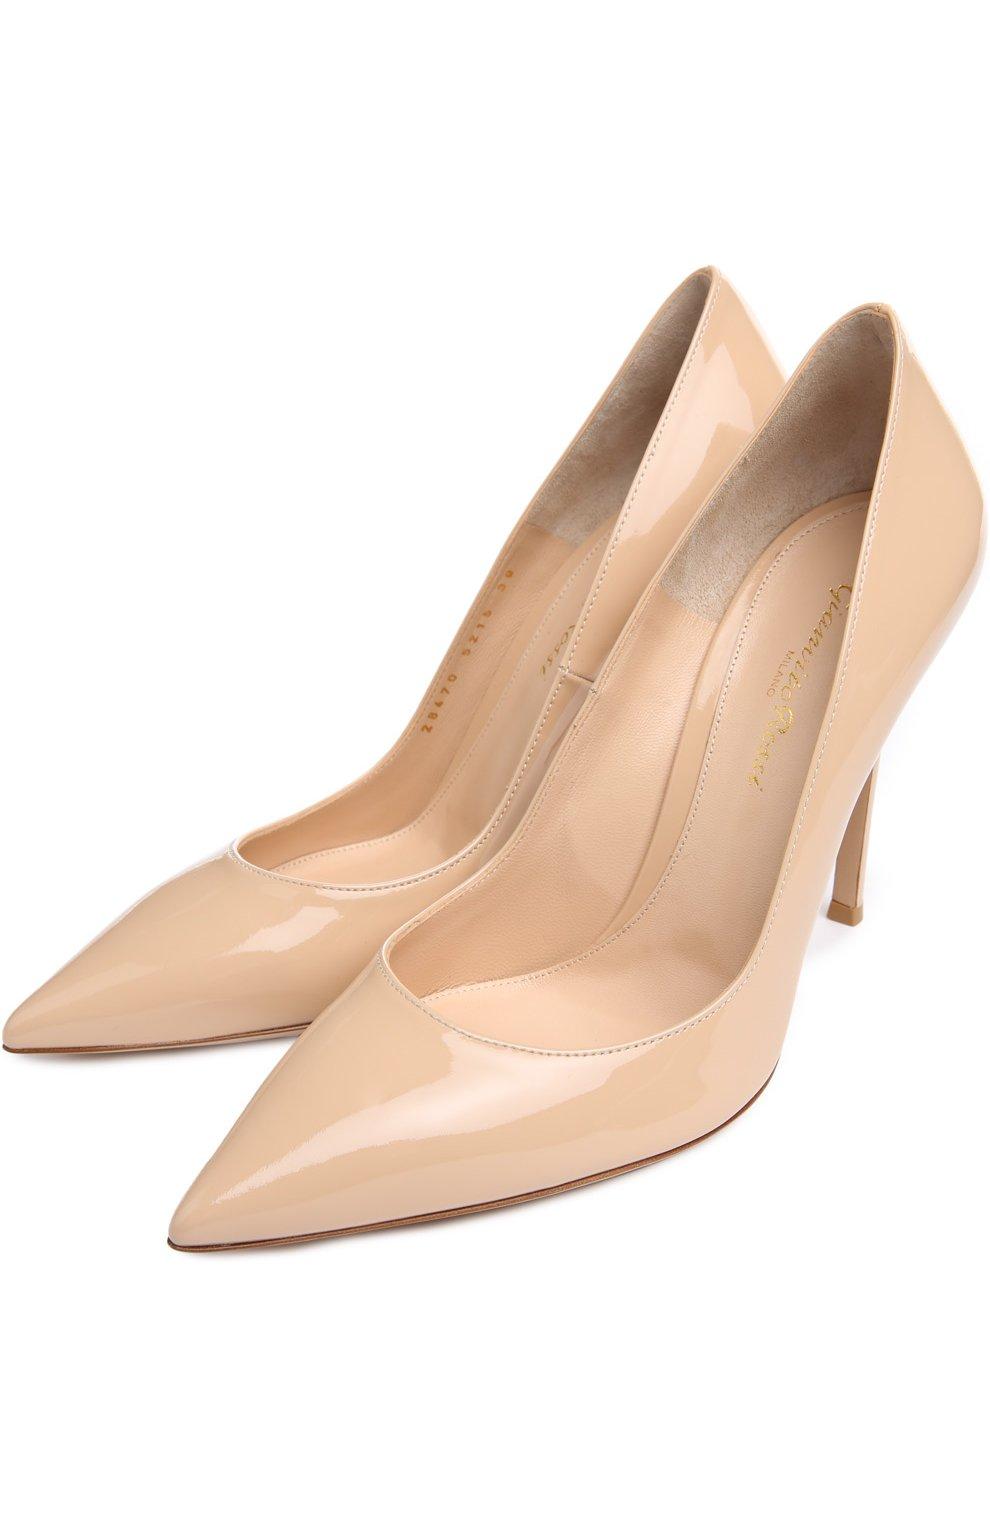 Лаковые туфли Gianvito 105 на шпильке | Фото №2